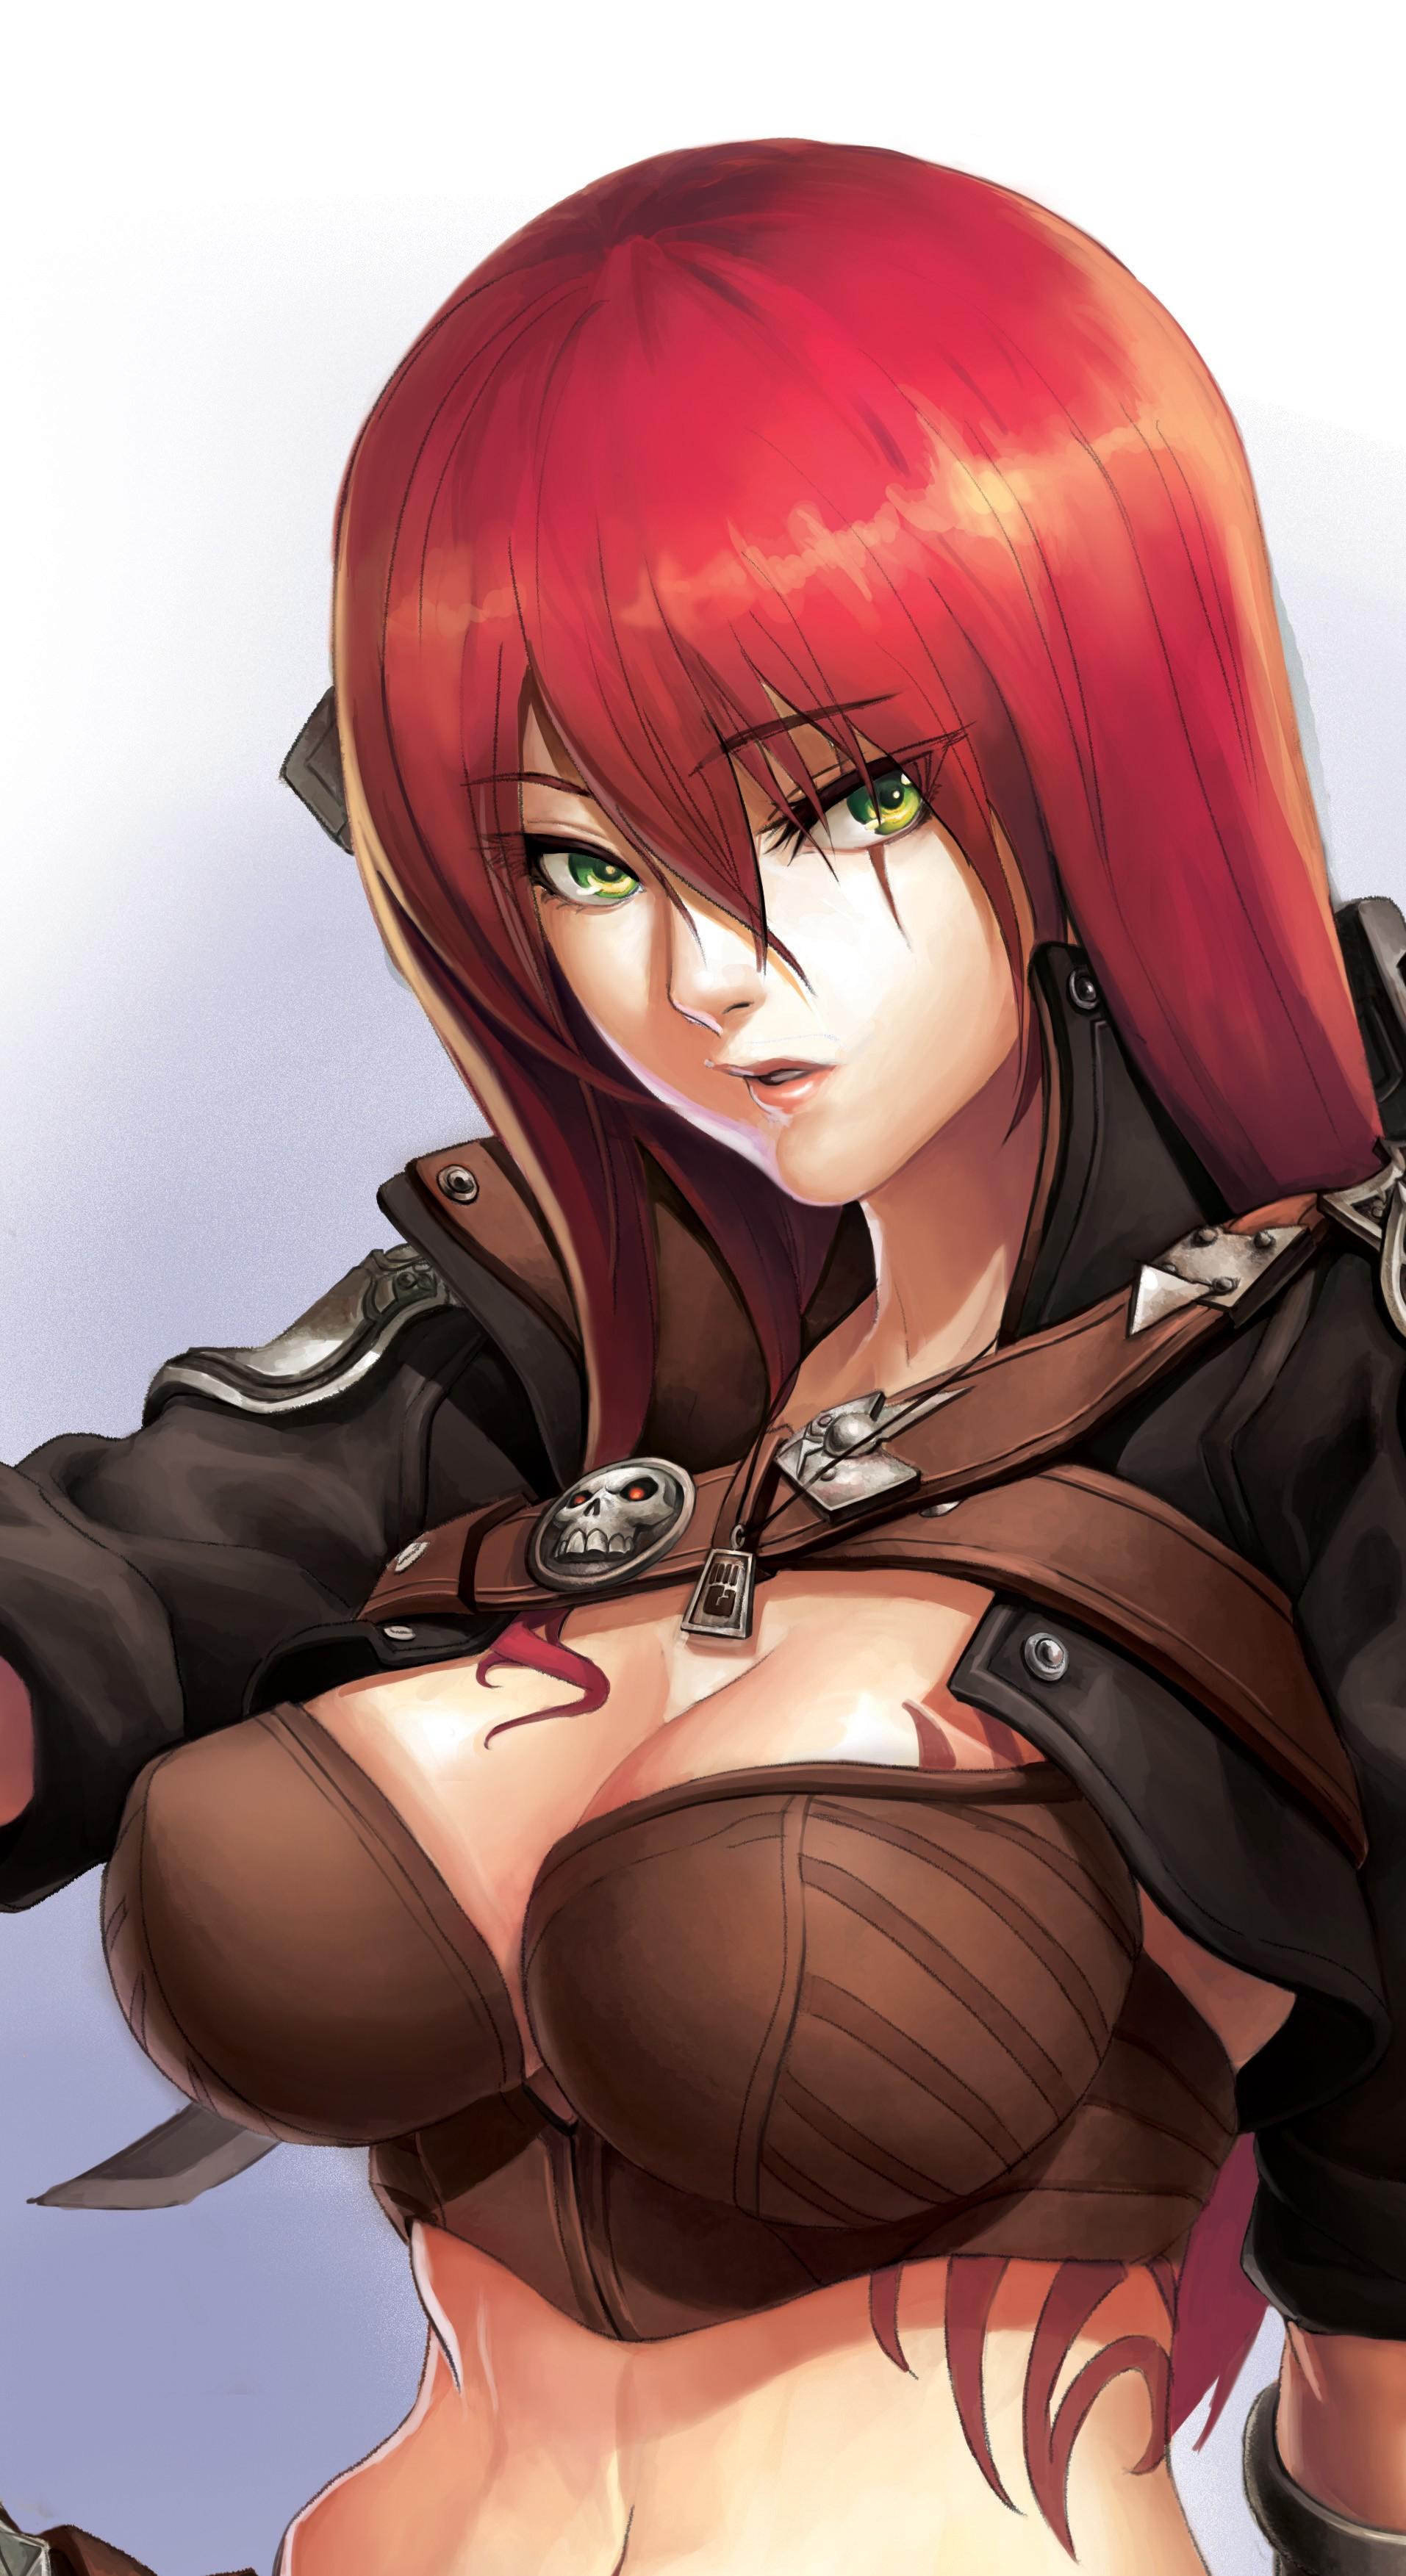 Wallpaper : redhead, anime girls, League of Legends